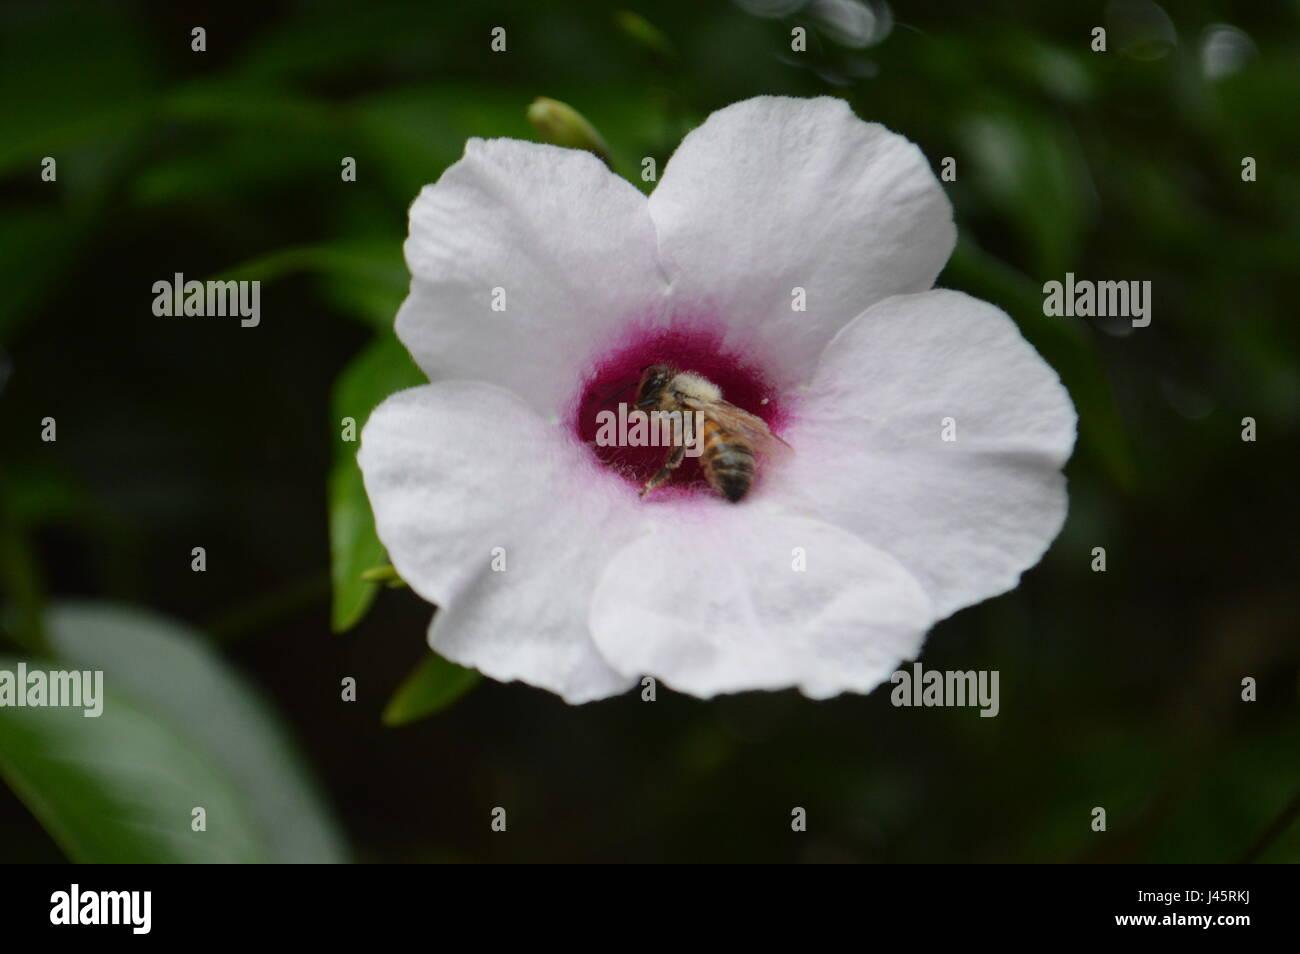 Honey Bee on Flower - Stock Image